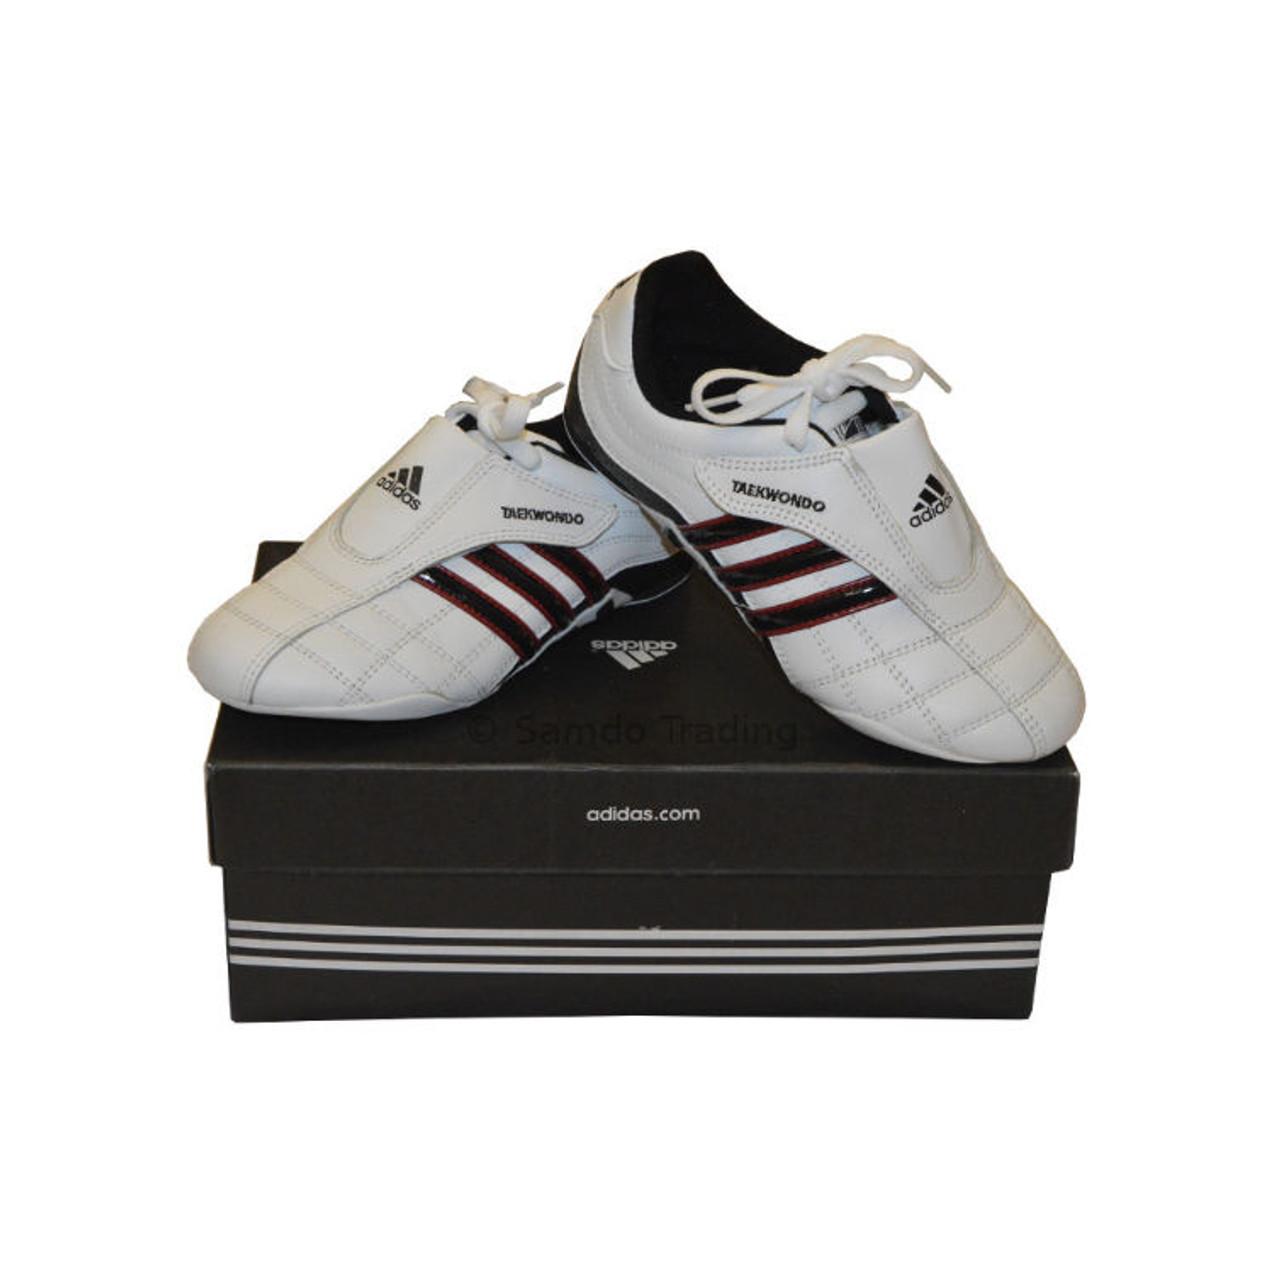 scarpe da taekwondo adidas